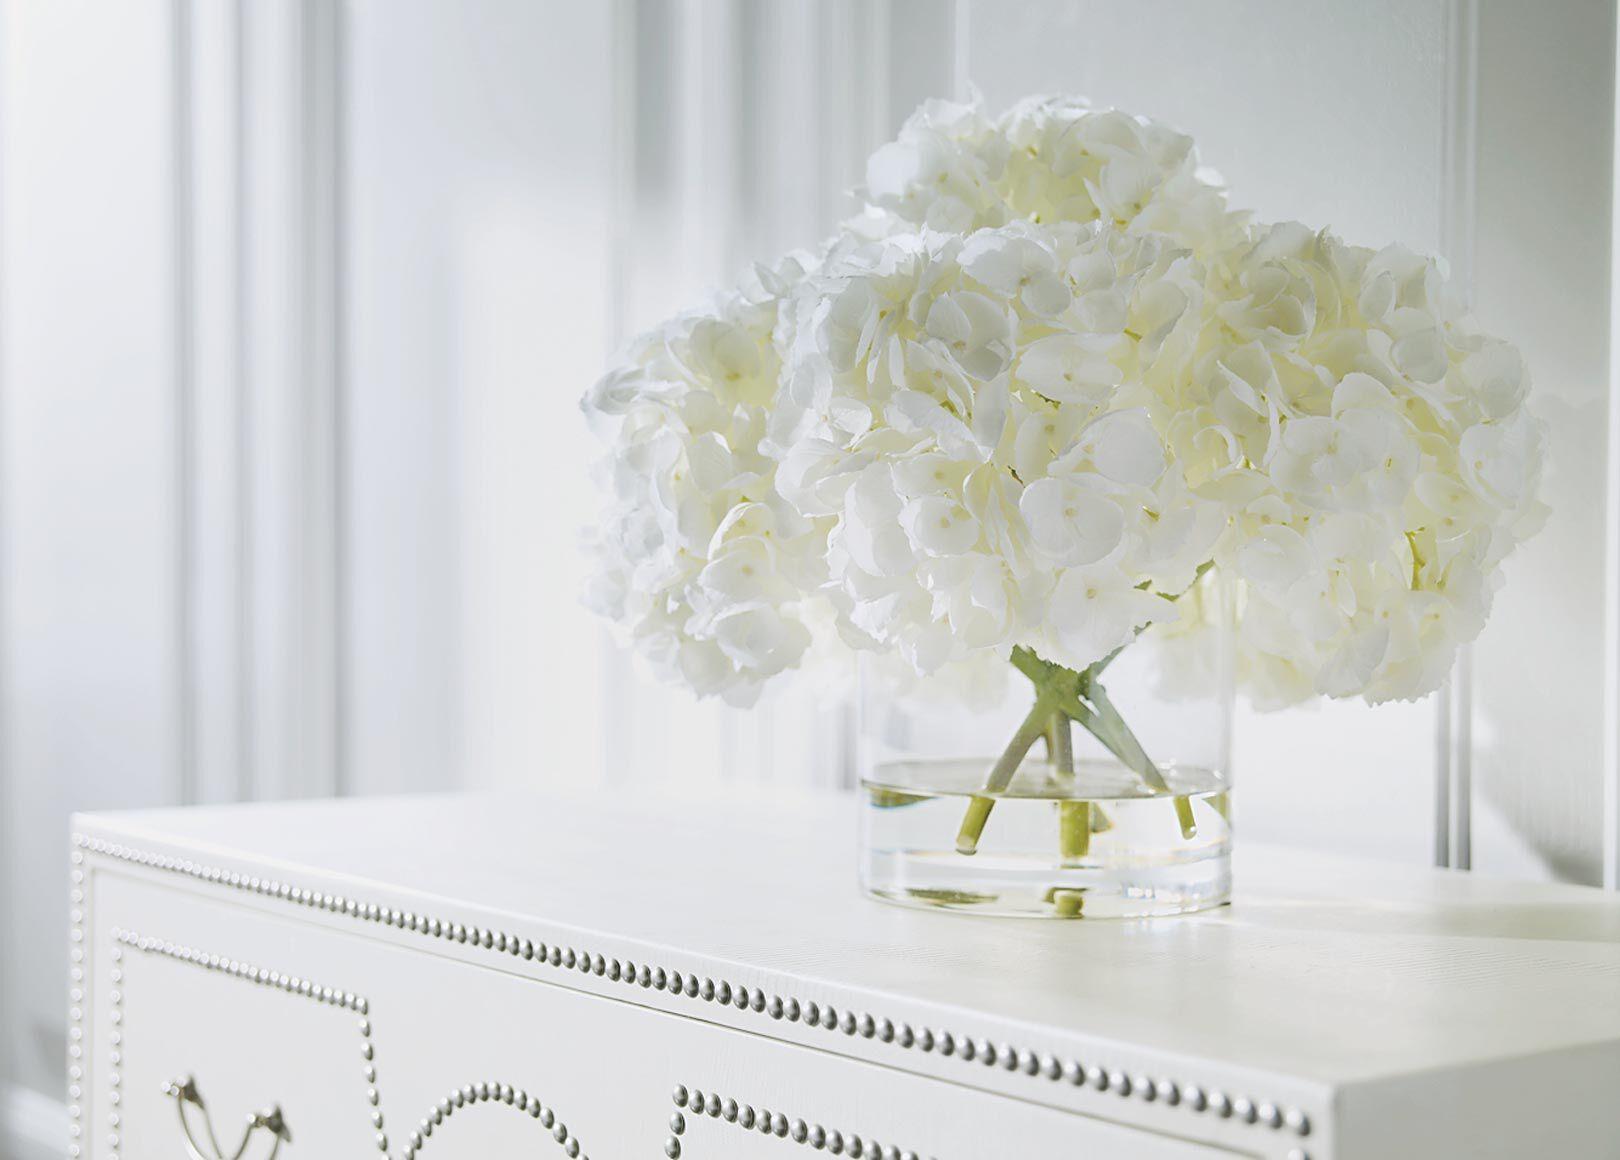 white hydrangea watergarden alt - White Hydrangea